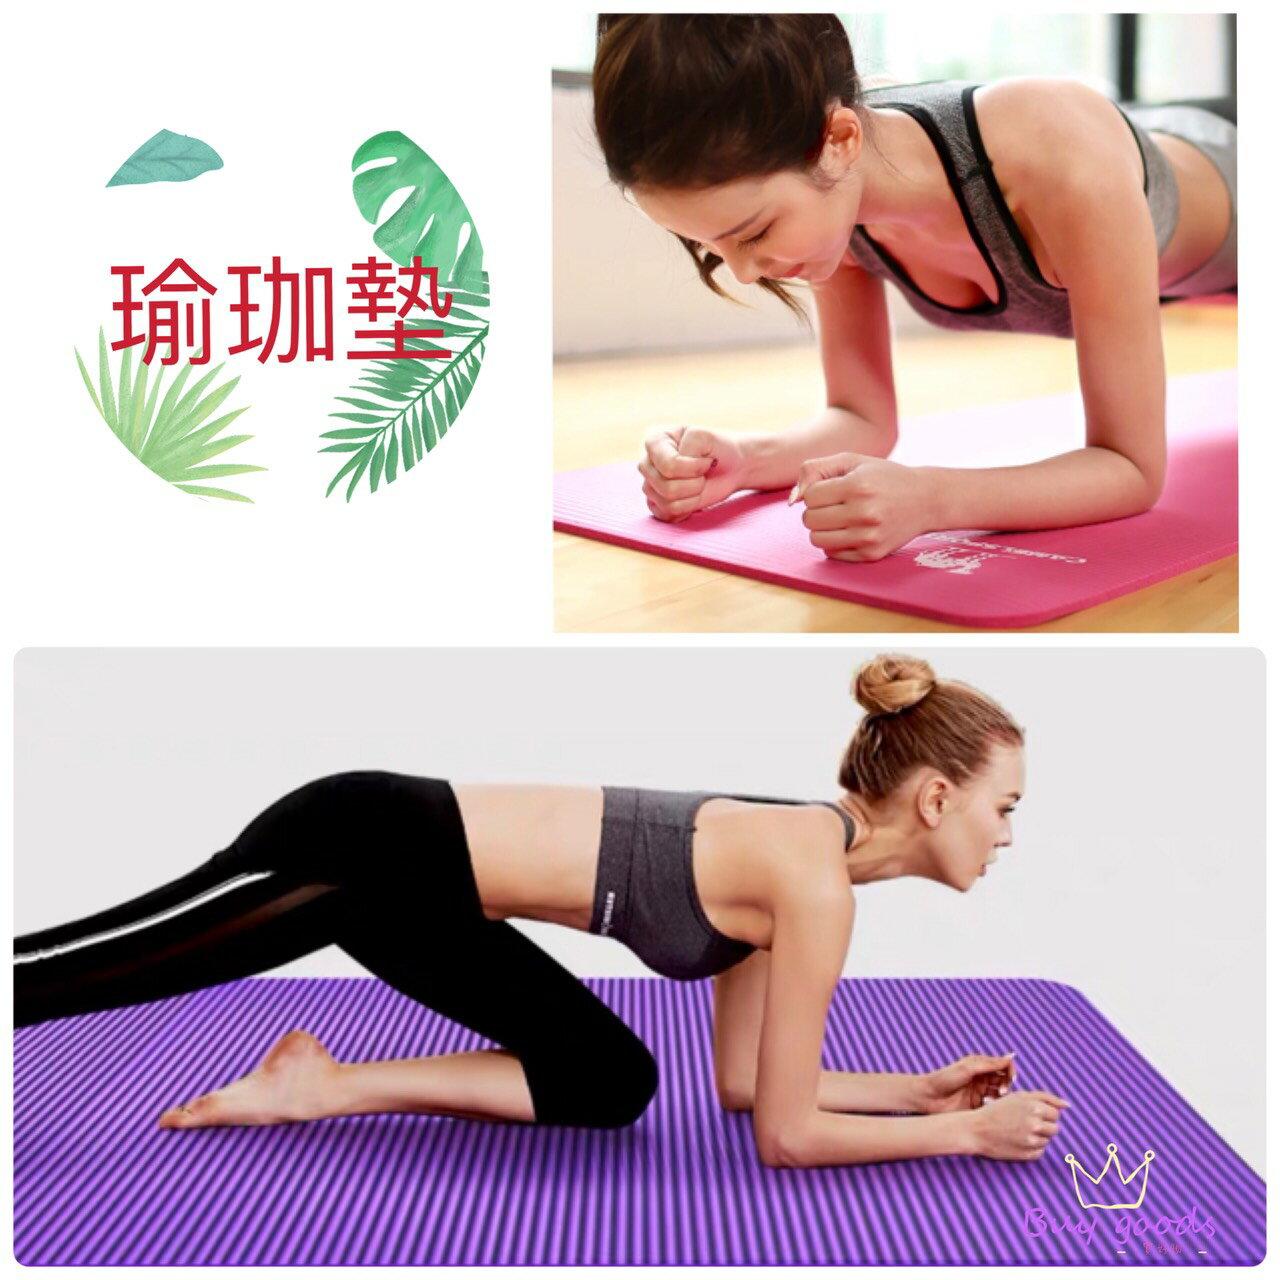 健身 瑜伽墊 / 運動 地墊 遊戲墊  / 瑜珈健身墊 / 防滑墊《10MM / 15MM 瑜珈墊+束帶+收納袋三件套》 0